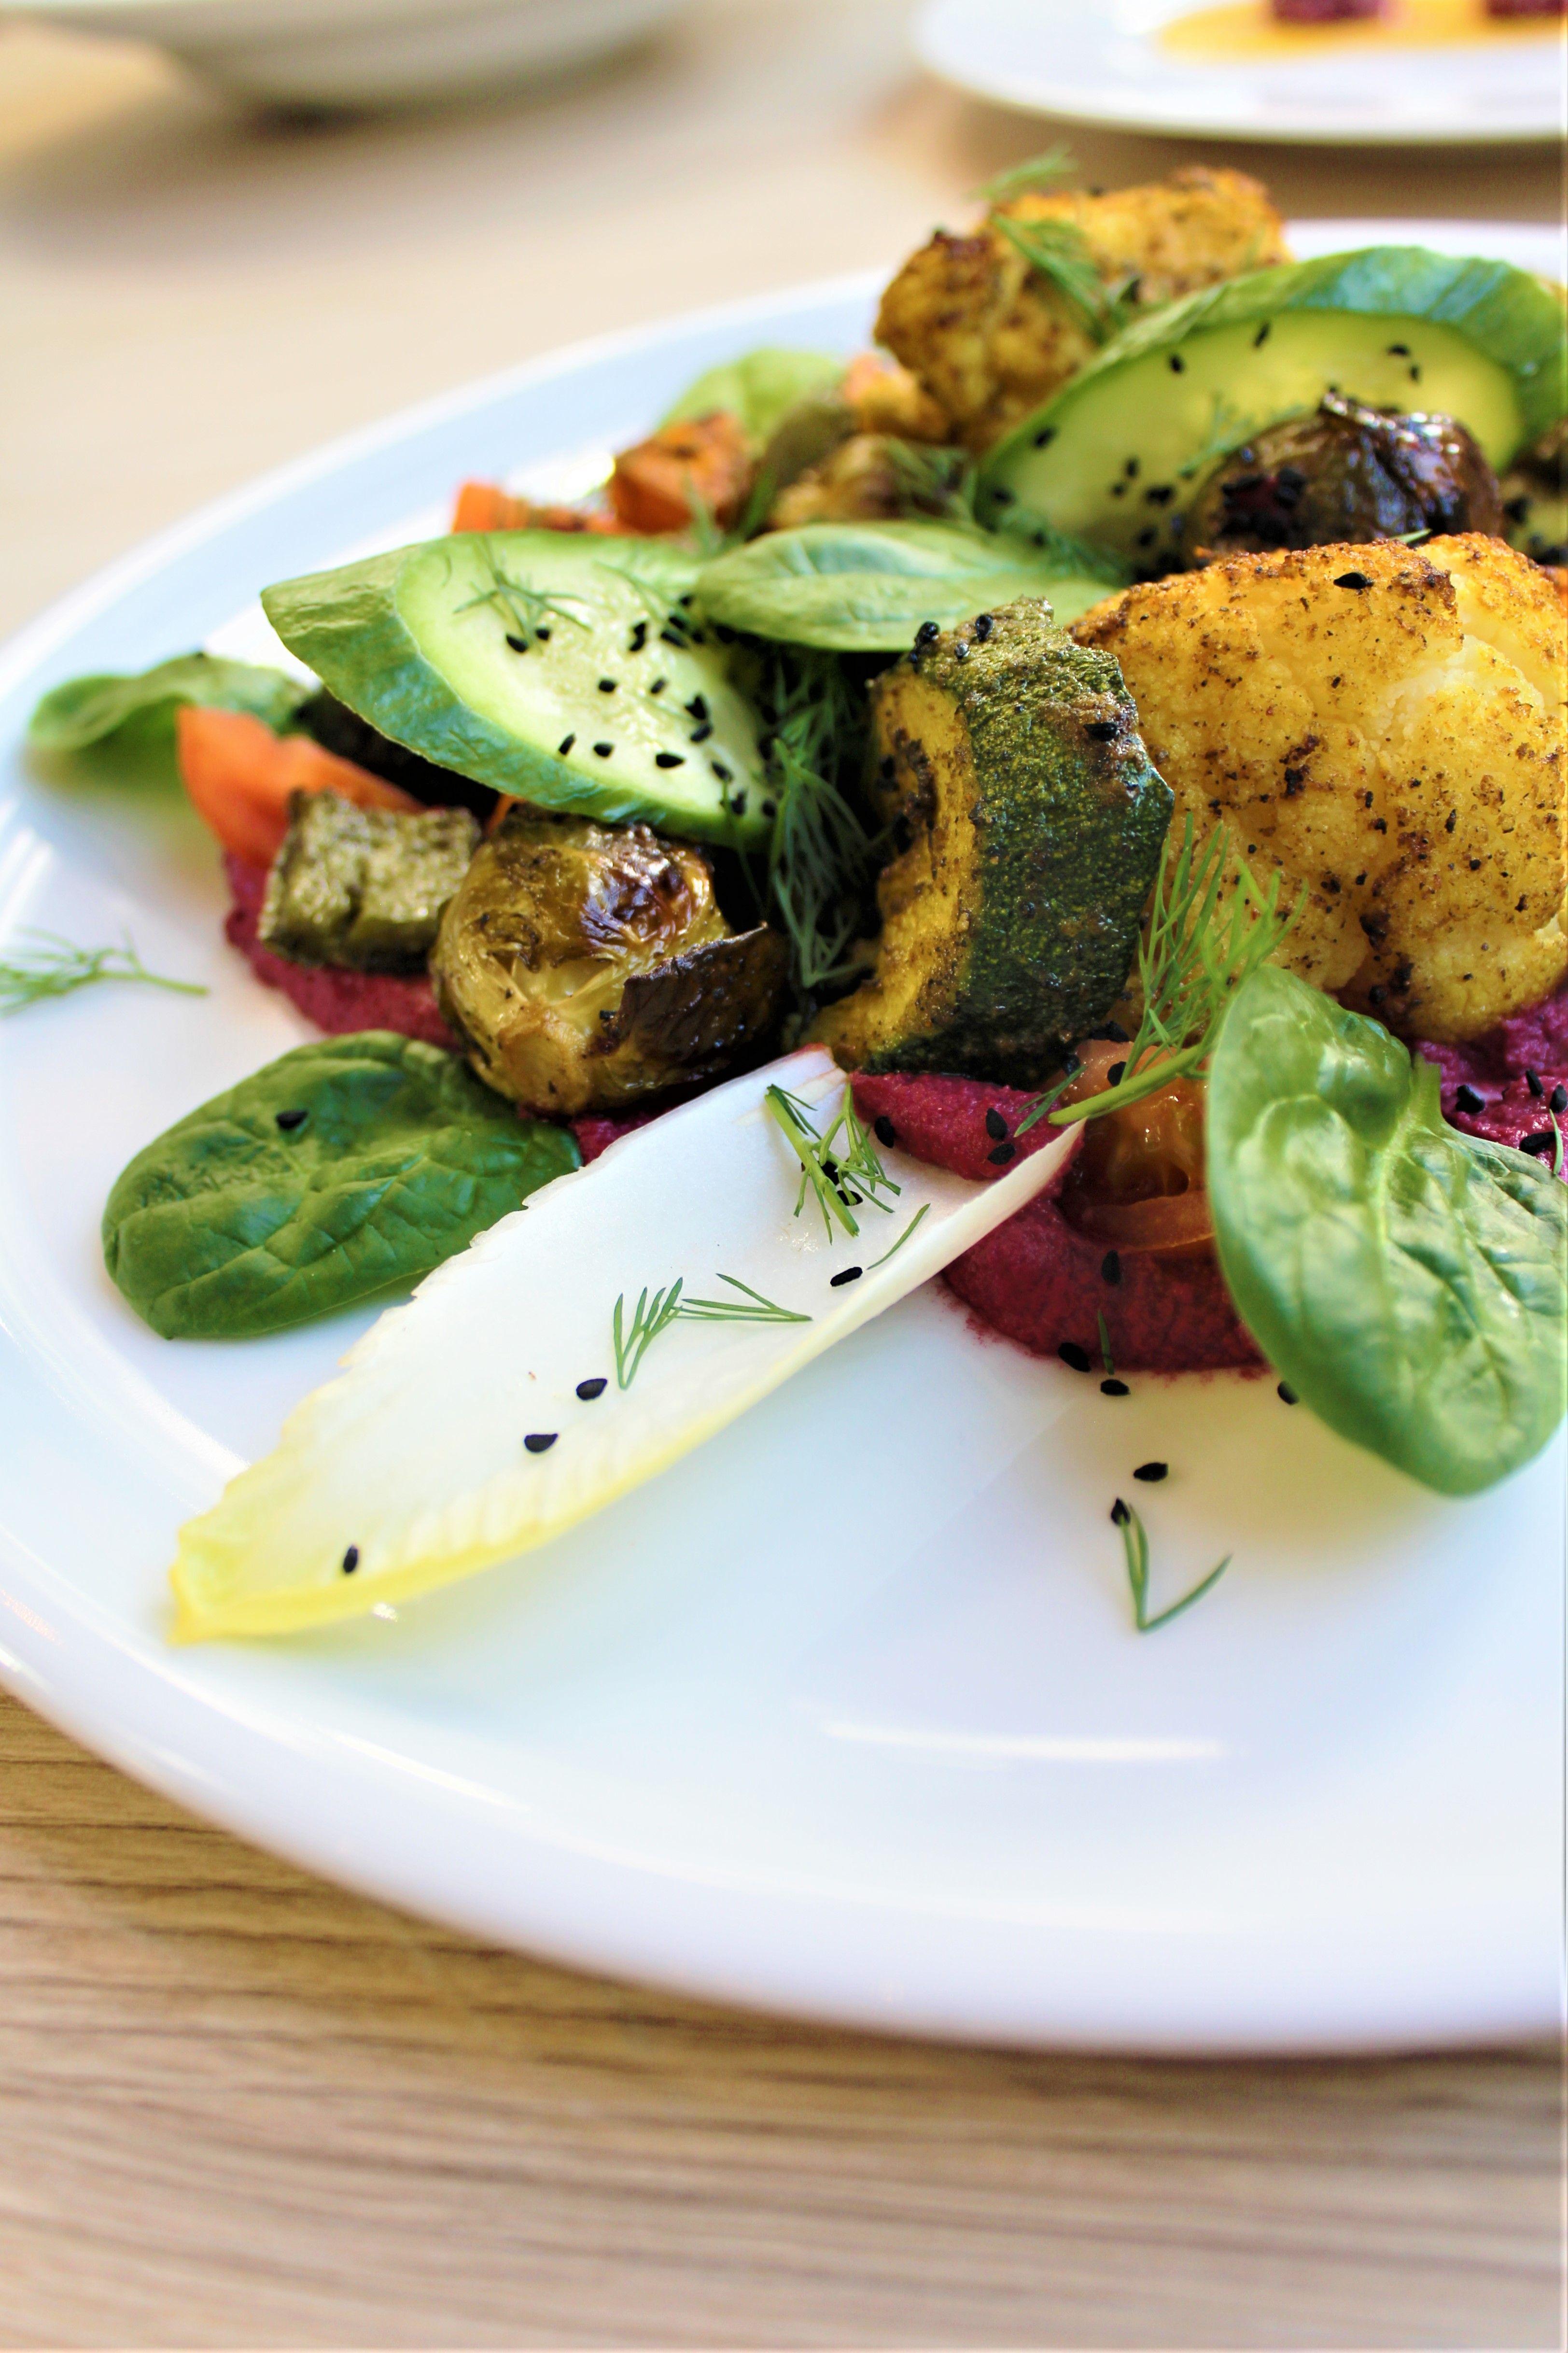 Sprawdz Jakie Mozliwosci Daje Kuchnia Roslinna Restauracja Weganska W Gdyni Soul Fresh To Doskonaly Wybor Food Avocado Toast Vegetables